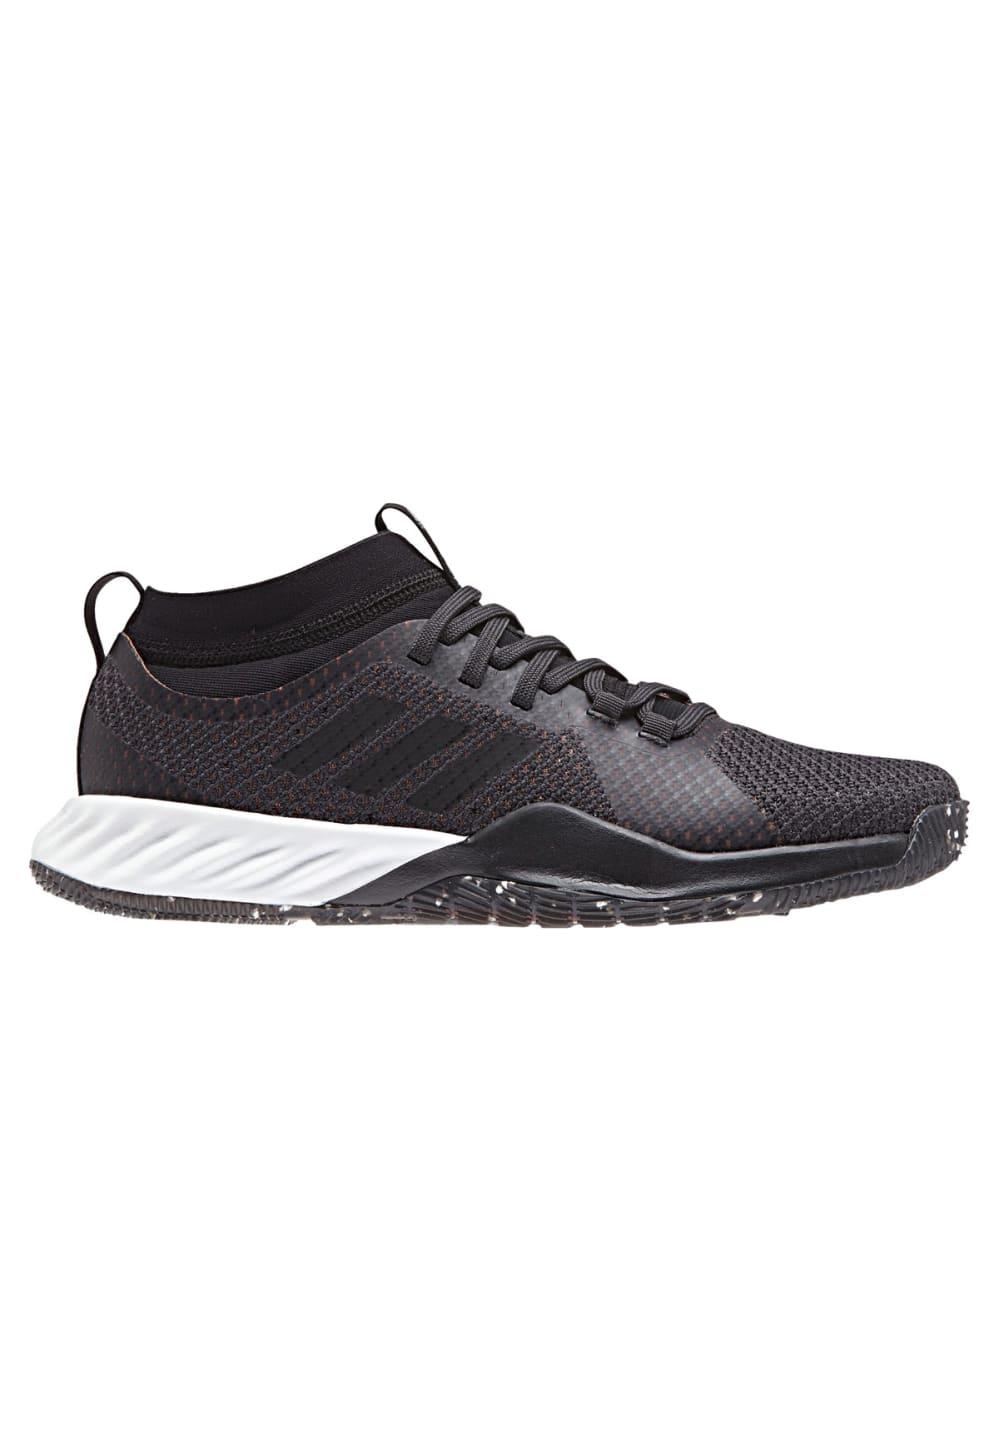 Adidas 3 Femme Crazytrain 0 Chaussures Noir Fitness Pour Pro ASc354LjqR